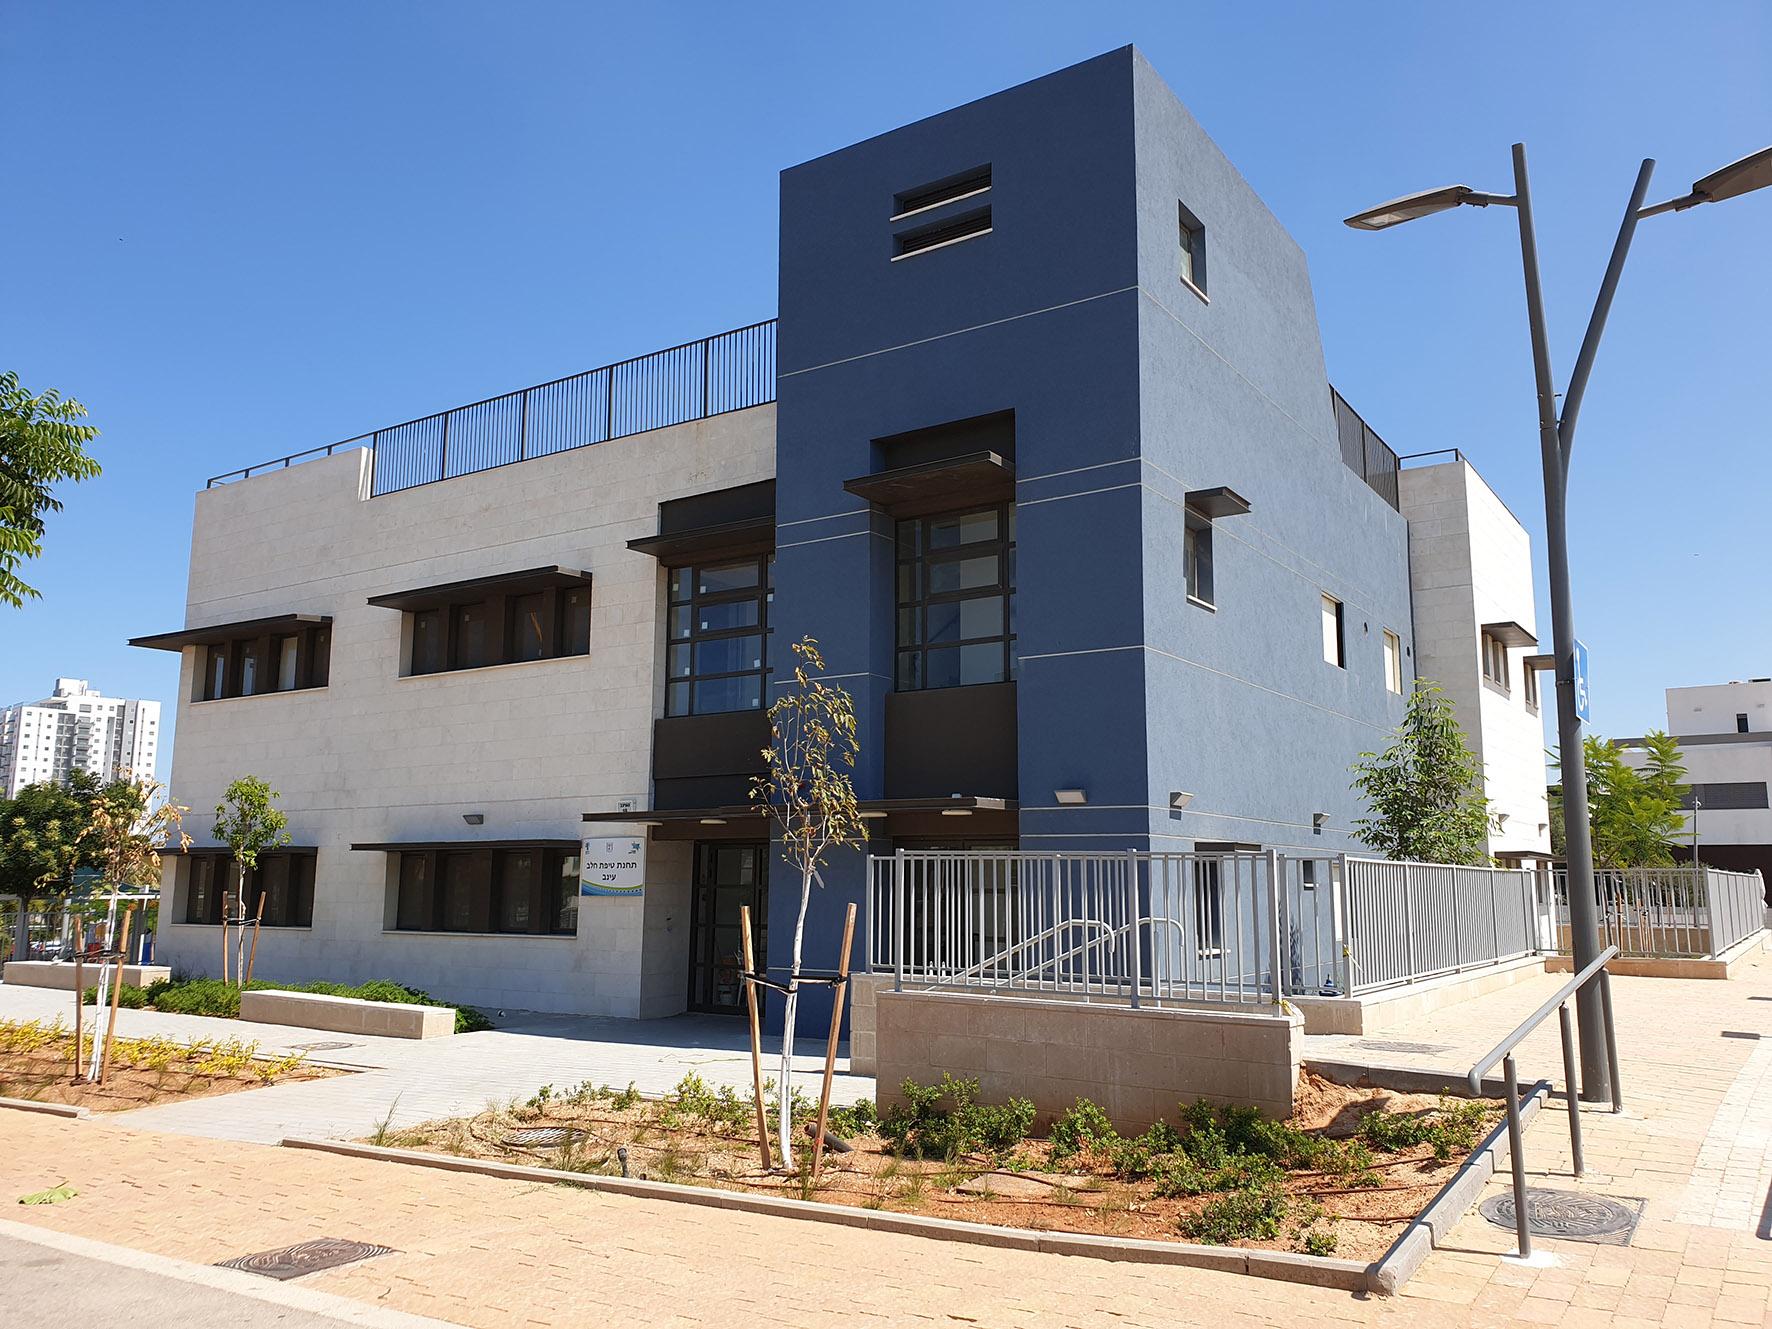 Photo of עיריית ראשון לציון הקימה טיפת חלב ומרפאות בשכונת נחלת יהודה